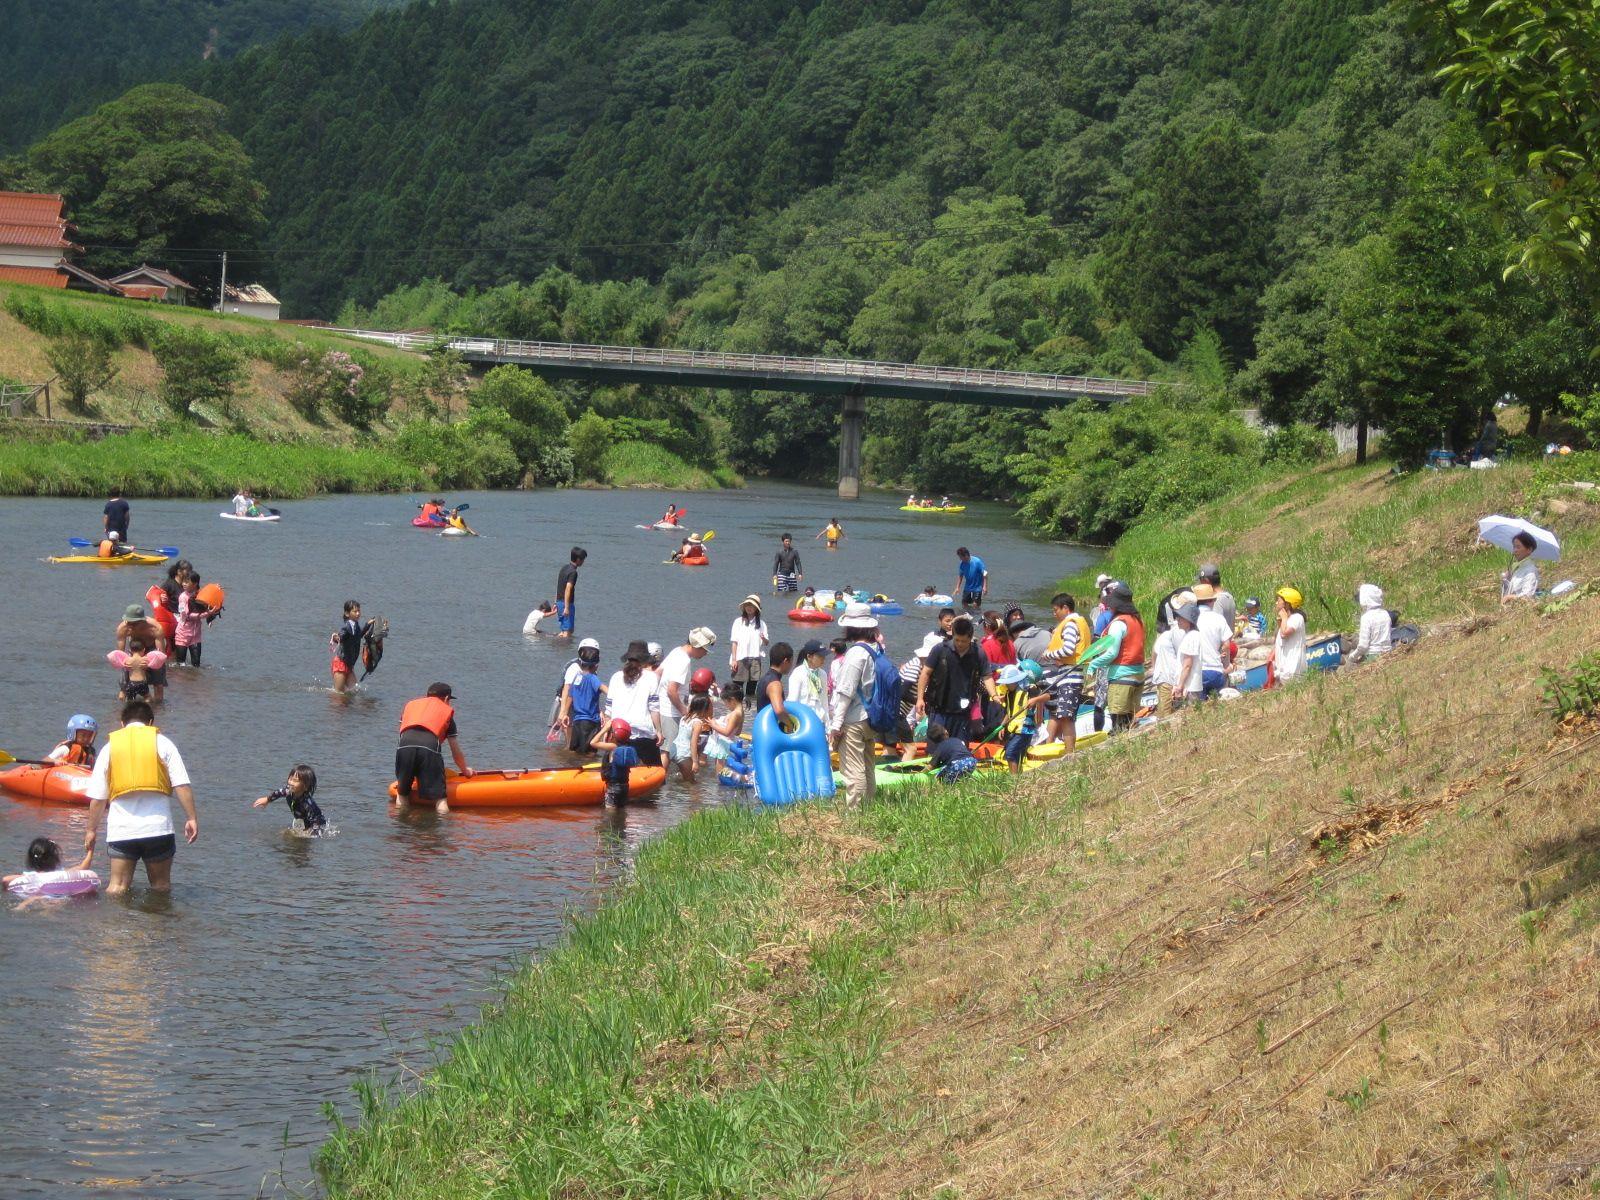 第24回神戸川祭りが終了しました。